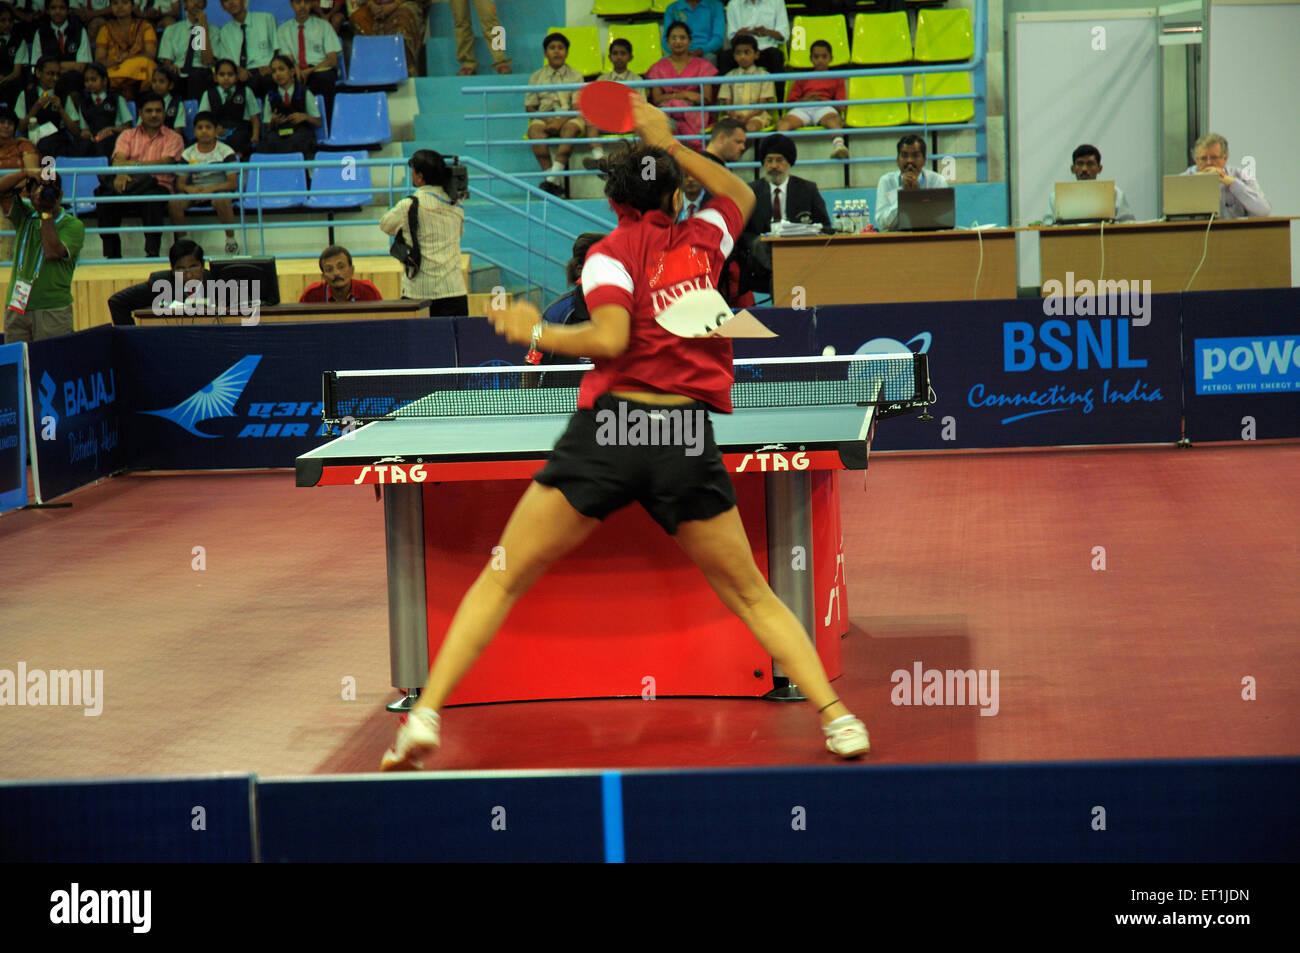 Neha aggarwal jugando al tenis de mesa ; ; ; Maharashtra India Pune 15 de octubre de 2008 NOMR Imagen De Stock